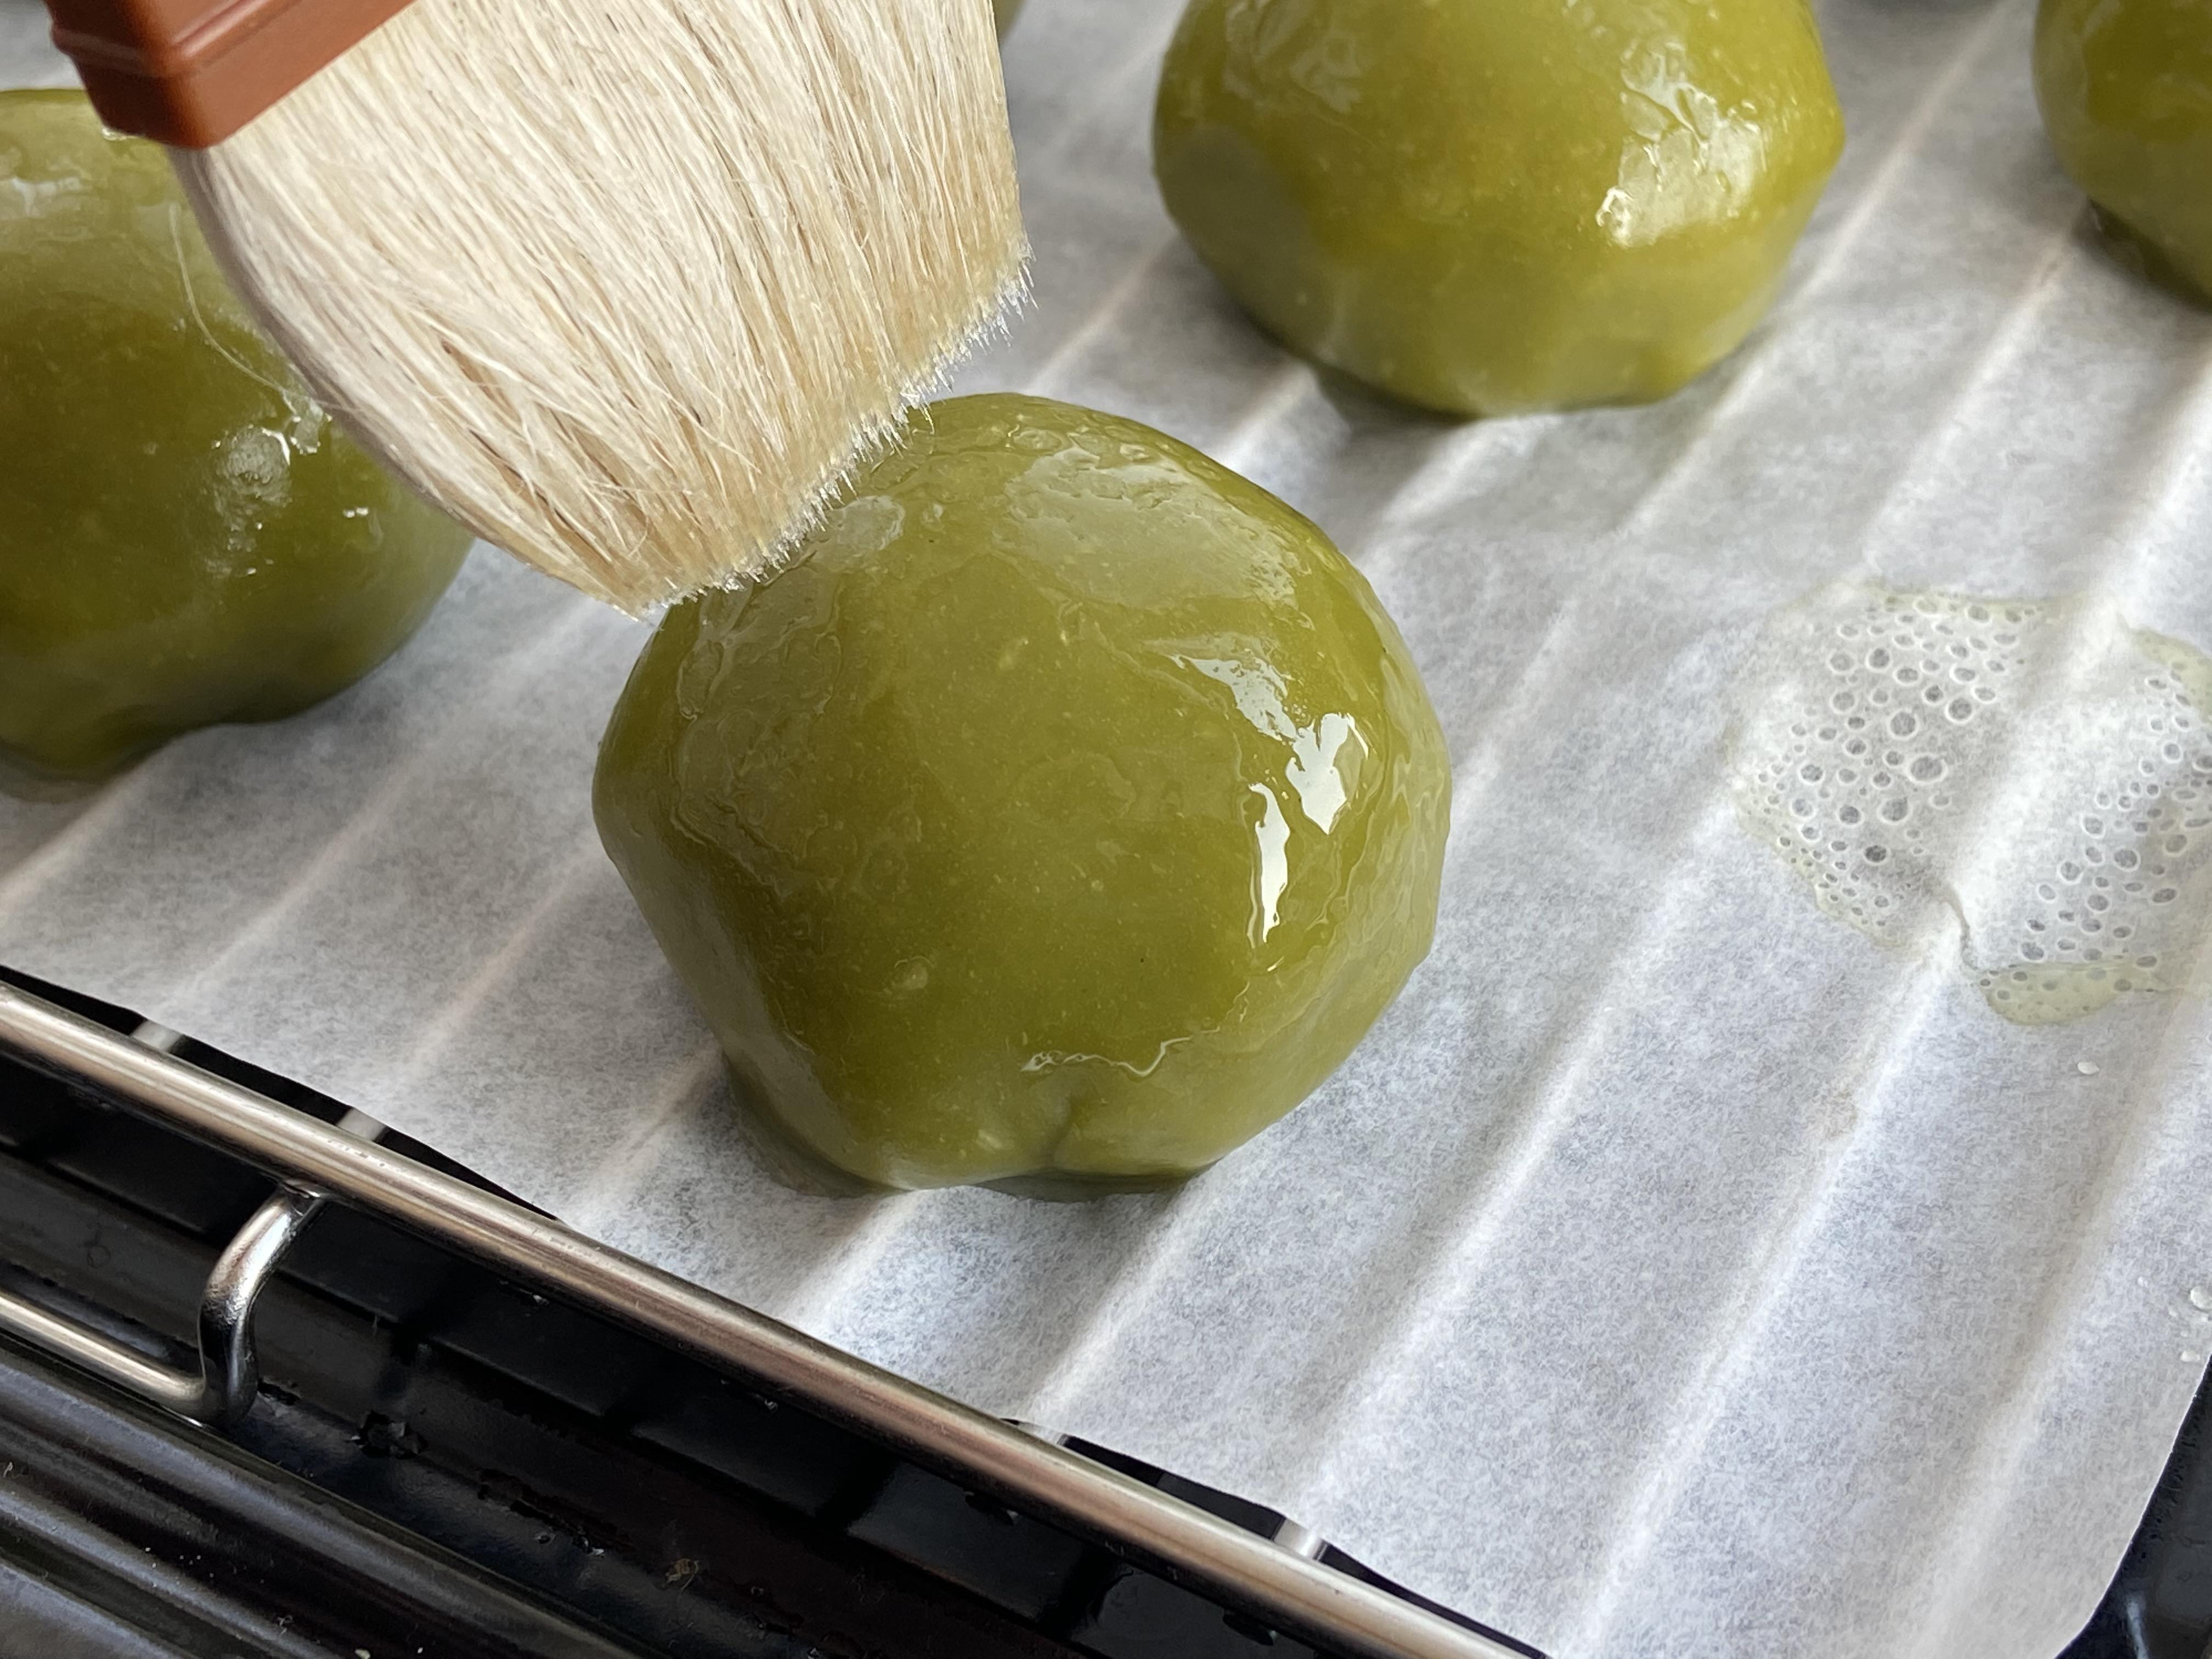 自制青团,清明节必吃的清明果,详细做法保证看一次就会  - 美食,菜谱